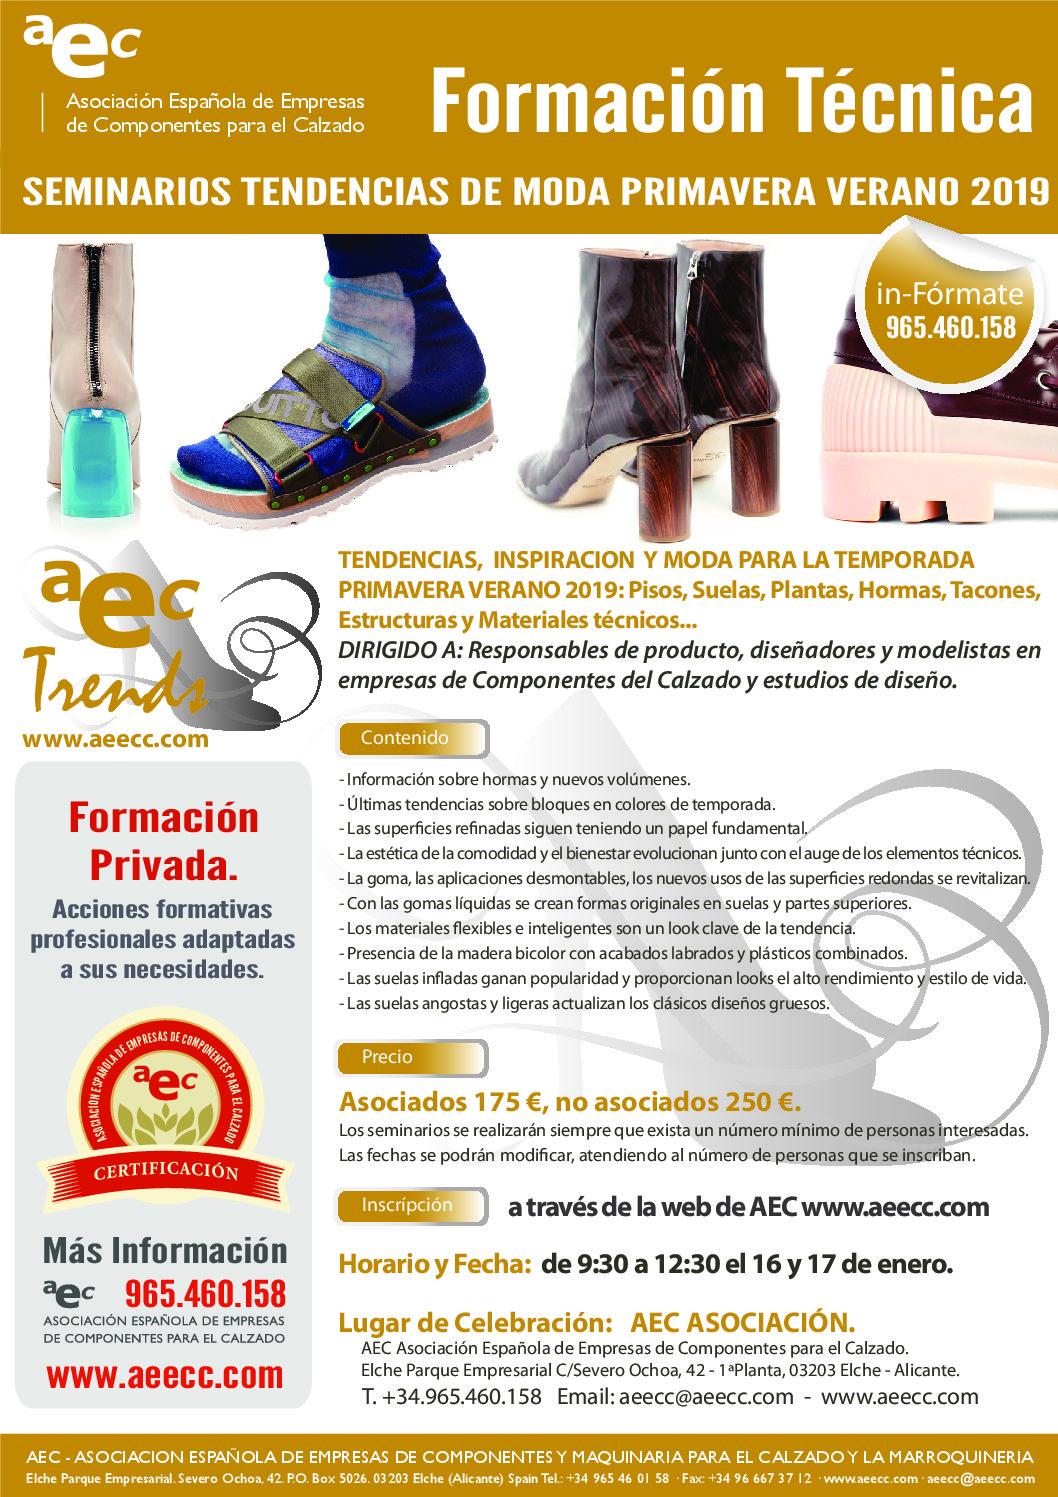 Seminario de Tendencias de Moda Primavera -Verano 2019. SUELAS, PLANTAS, HORMAS, TACONES….